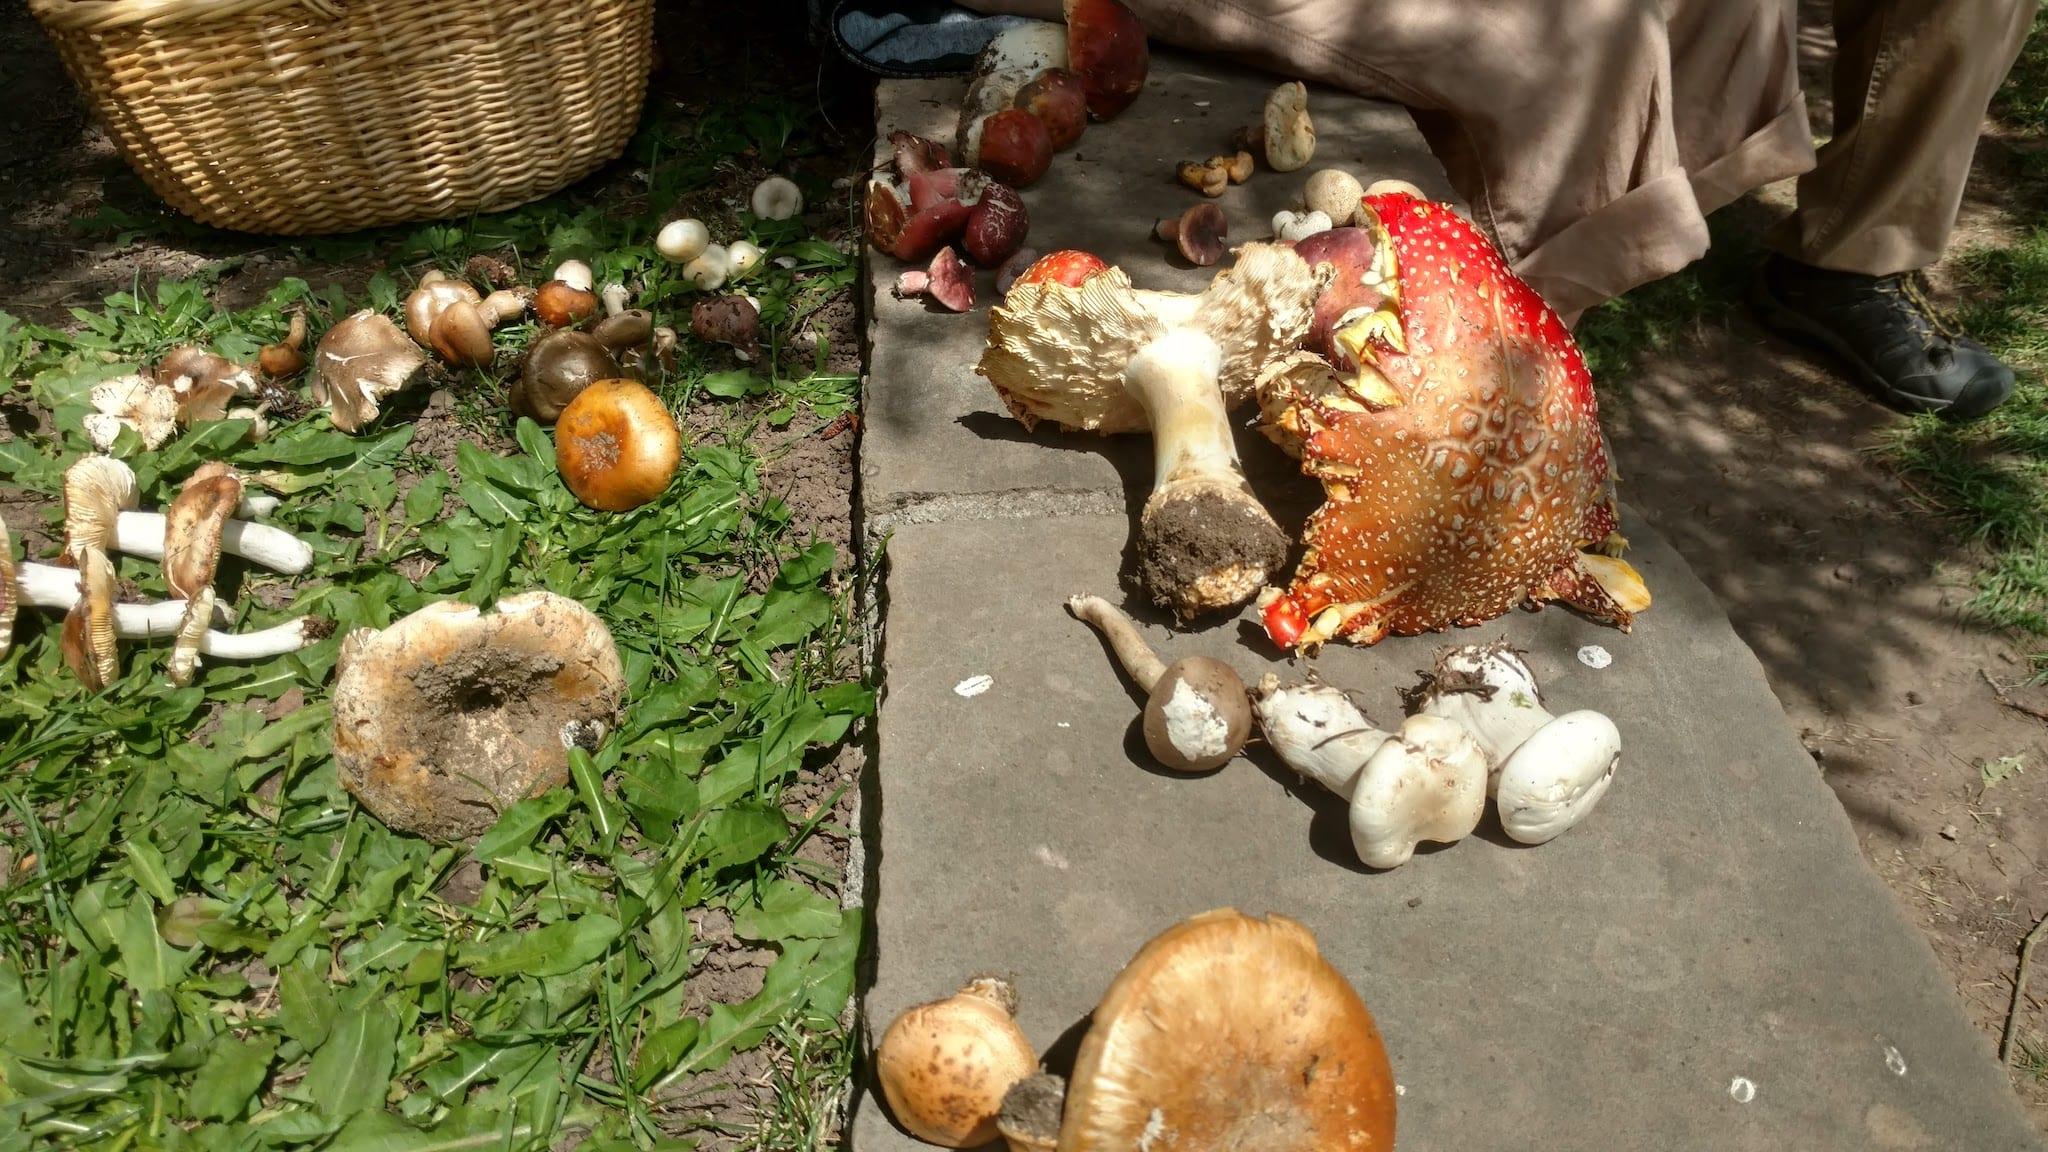 Telluride Mushroom Festival Shrooms on Ground